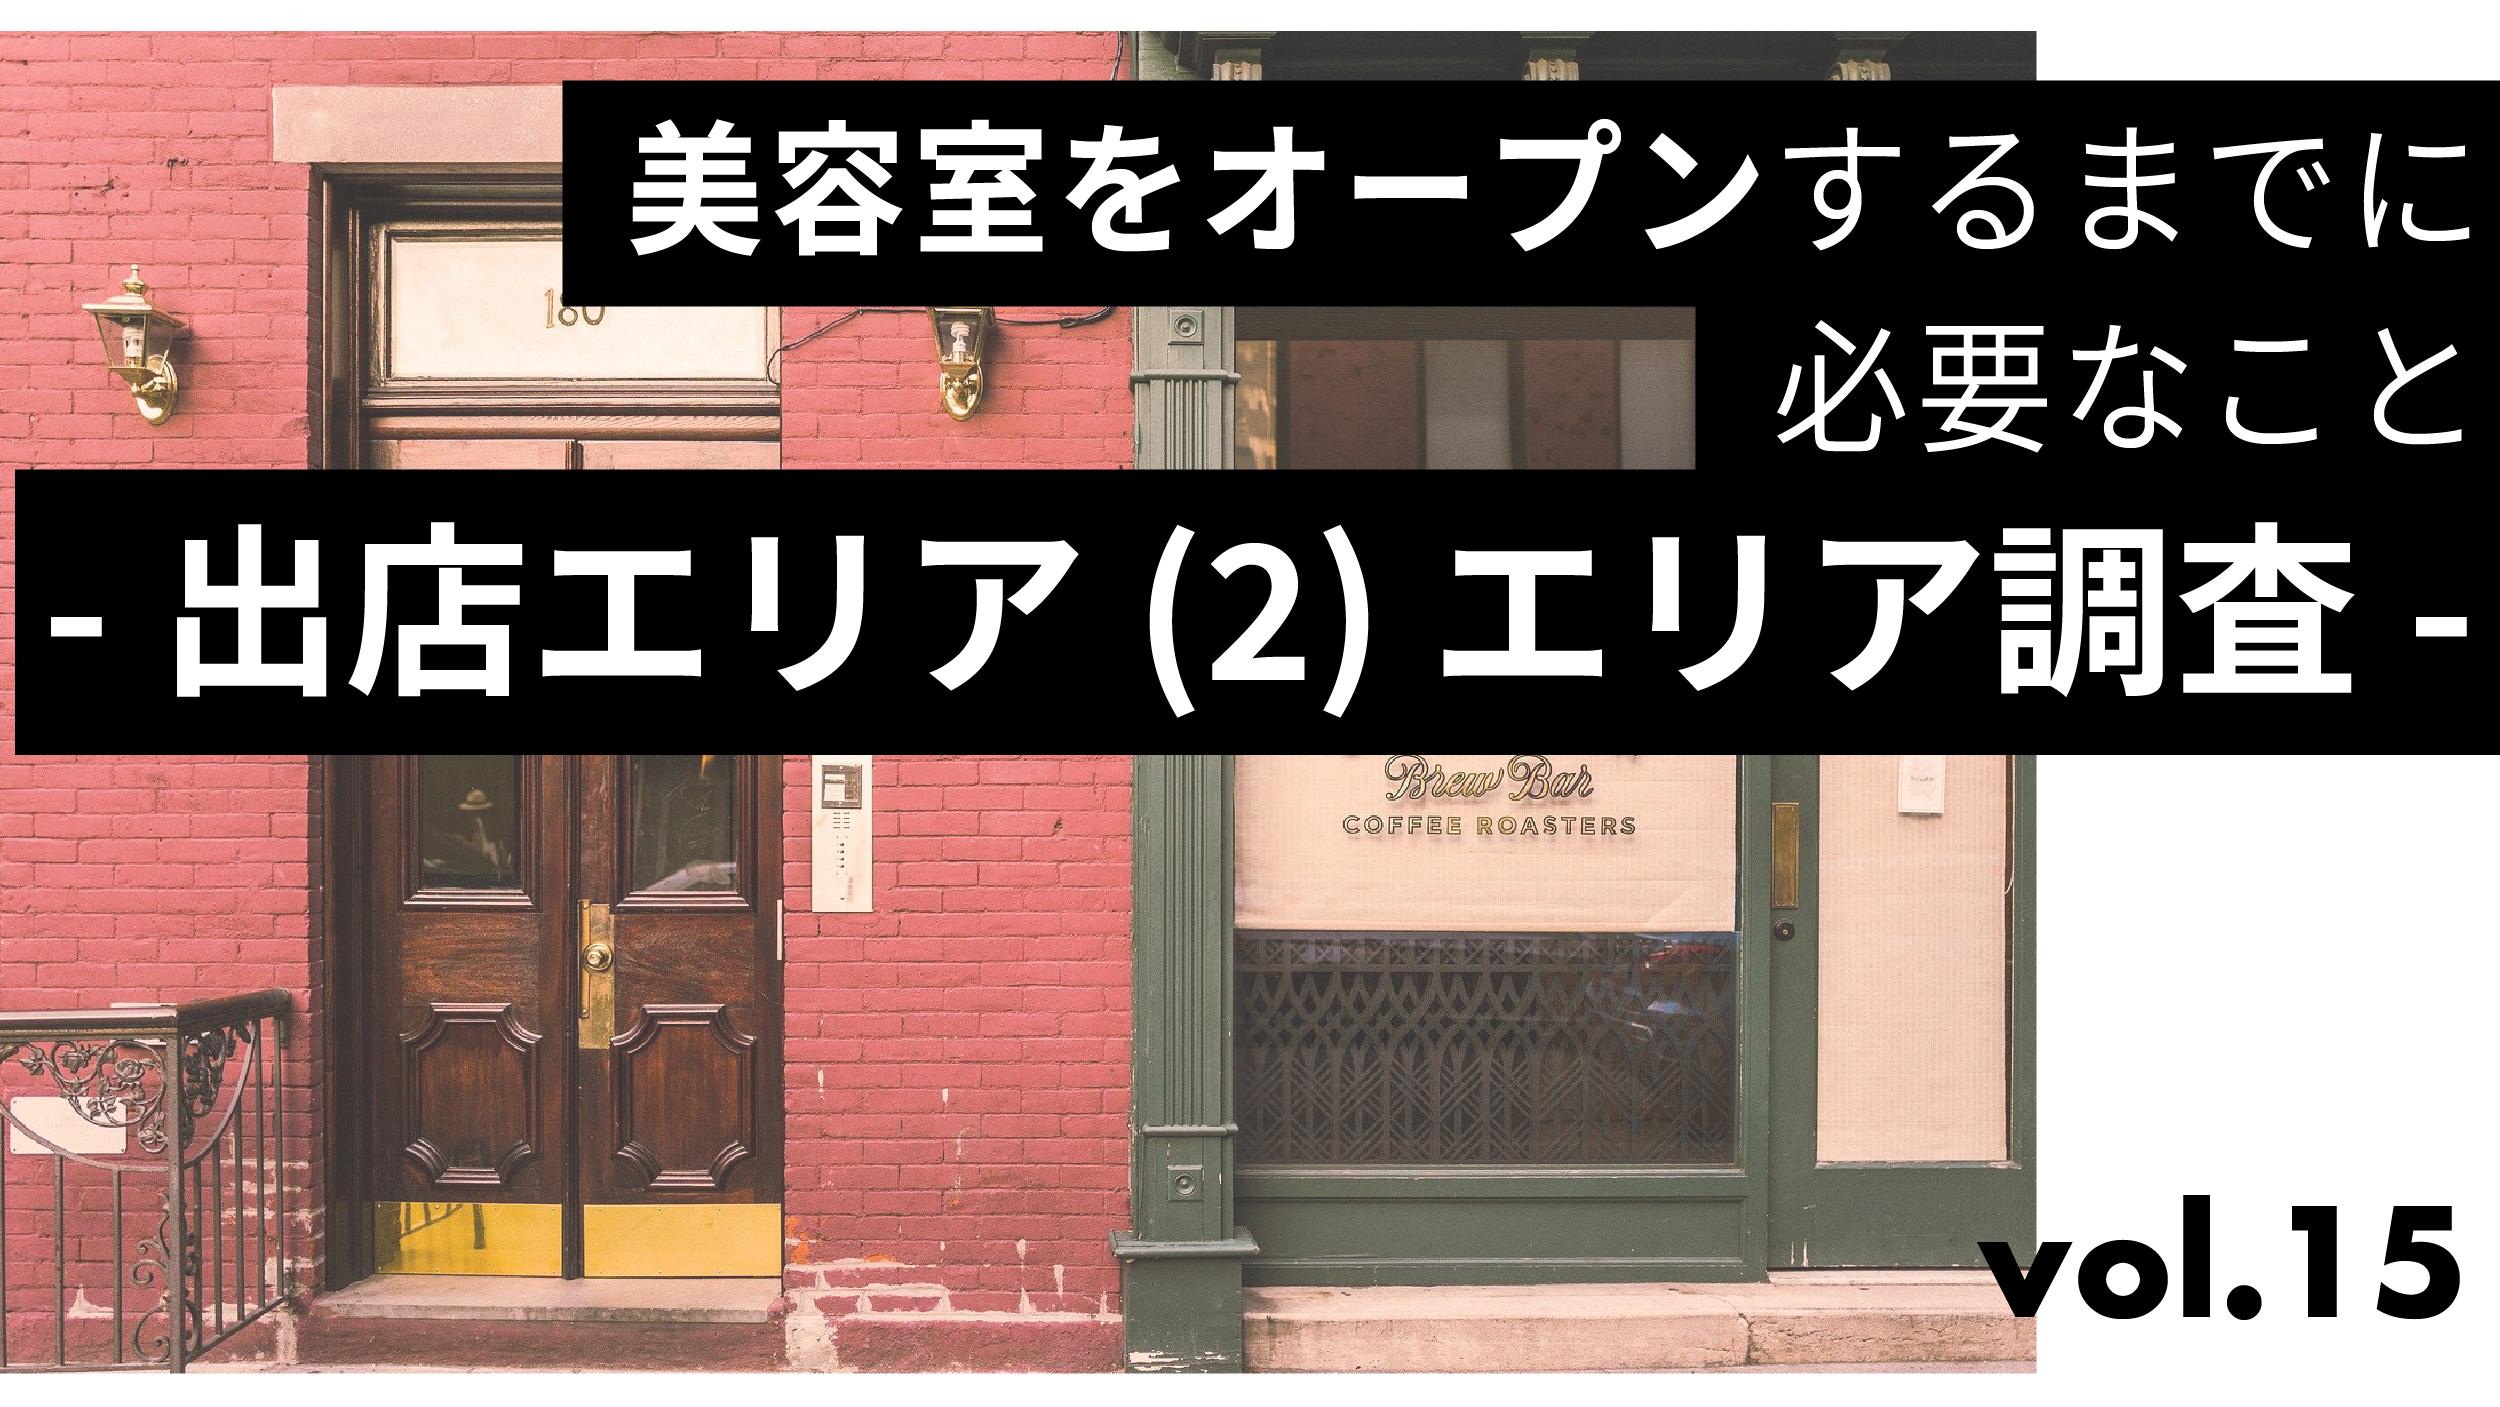 【美容室独立開業】出店エリアの選定(2) | 候補となるエリアをさらに調査する-vol.15